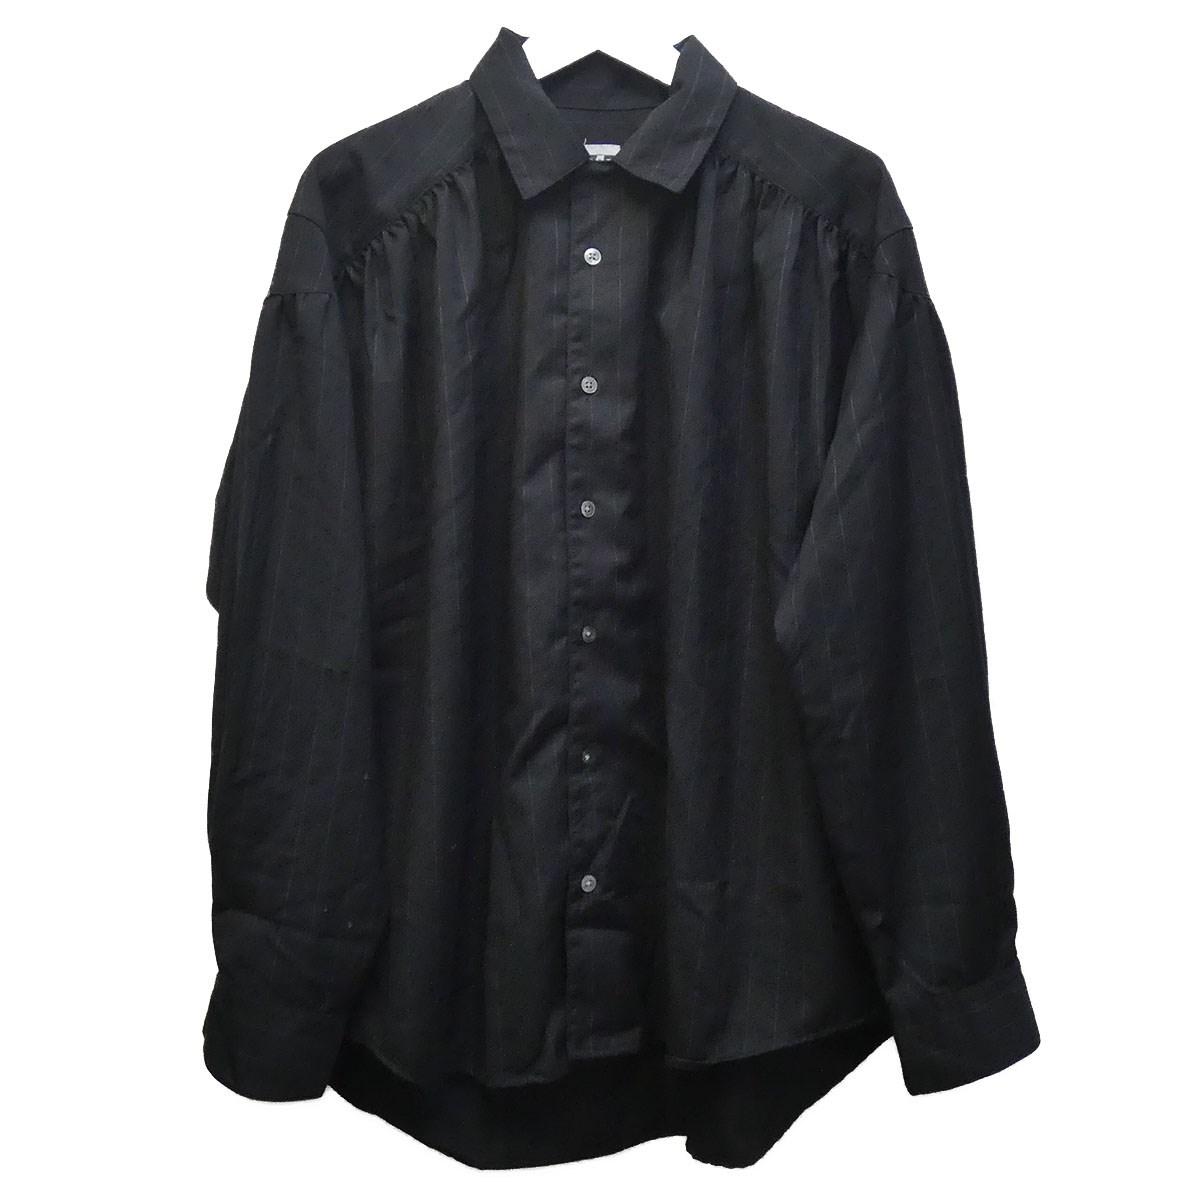 【中古】AiE ストライプシャツブルゾン ブラック サイズ:M 【140820】(エーアイイー)